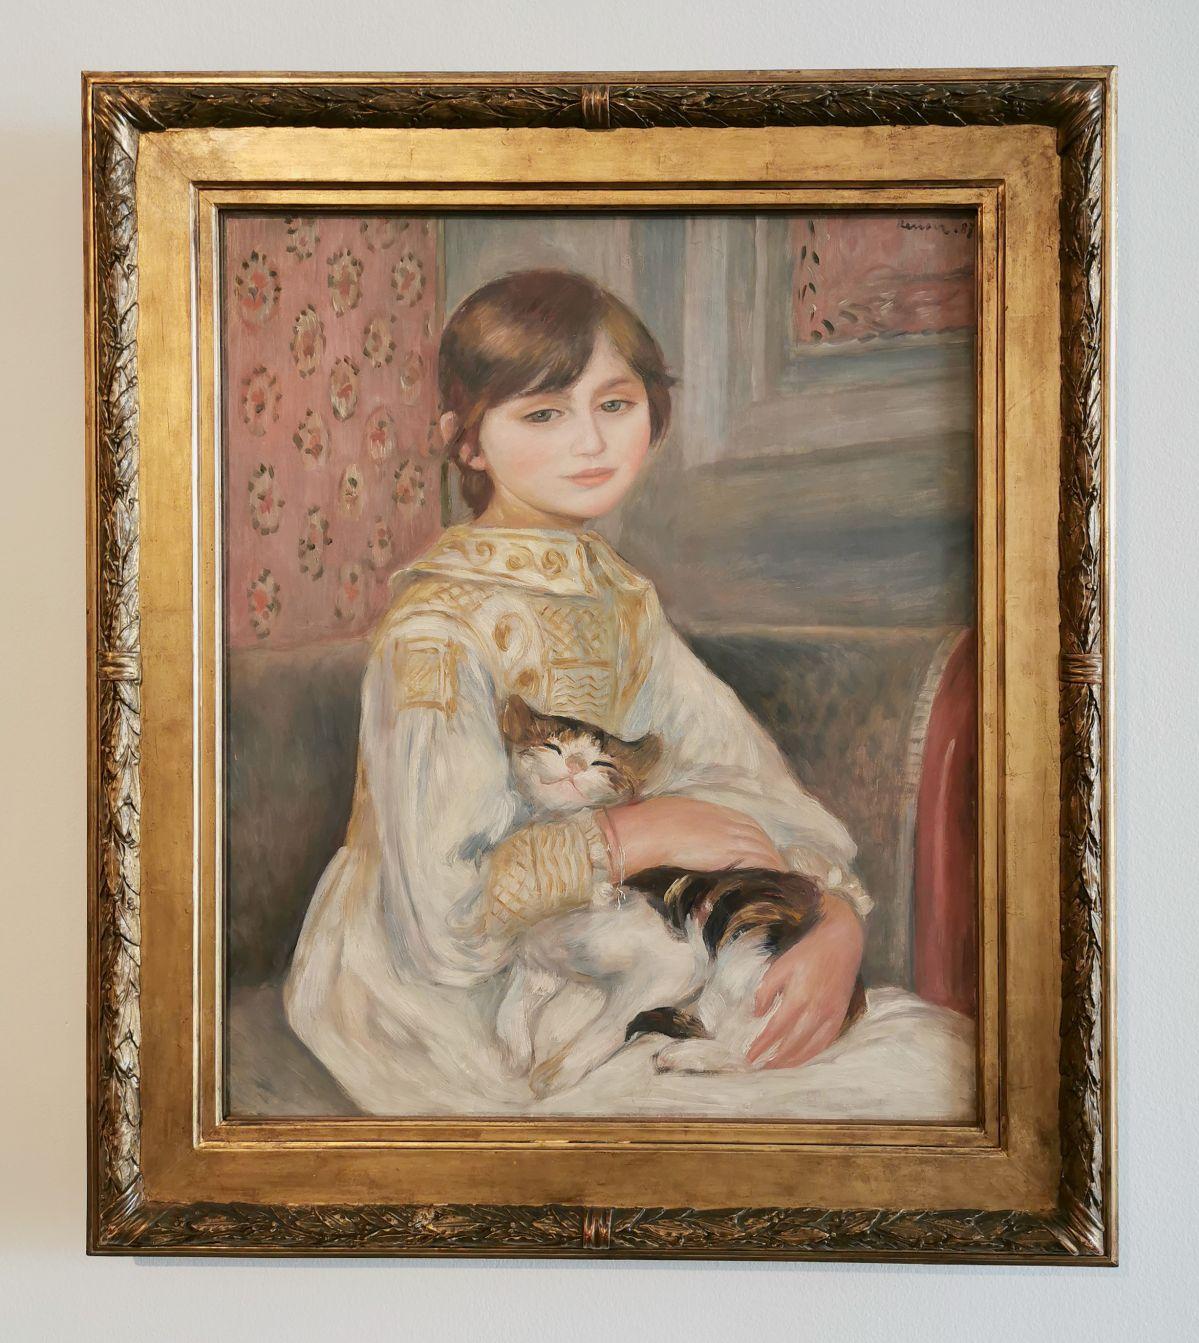 Auguste Renoir - Julie Manet ou L'Enfant au chat, 1887 - Paul Valéry et les peintres - Le cercle amical proche - Musée Paul Valéry à Sète